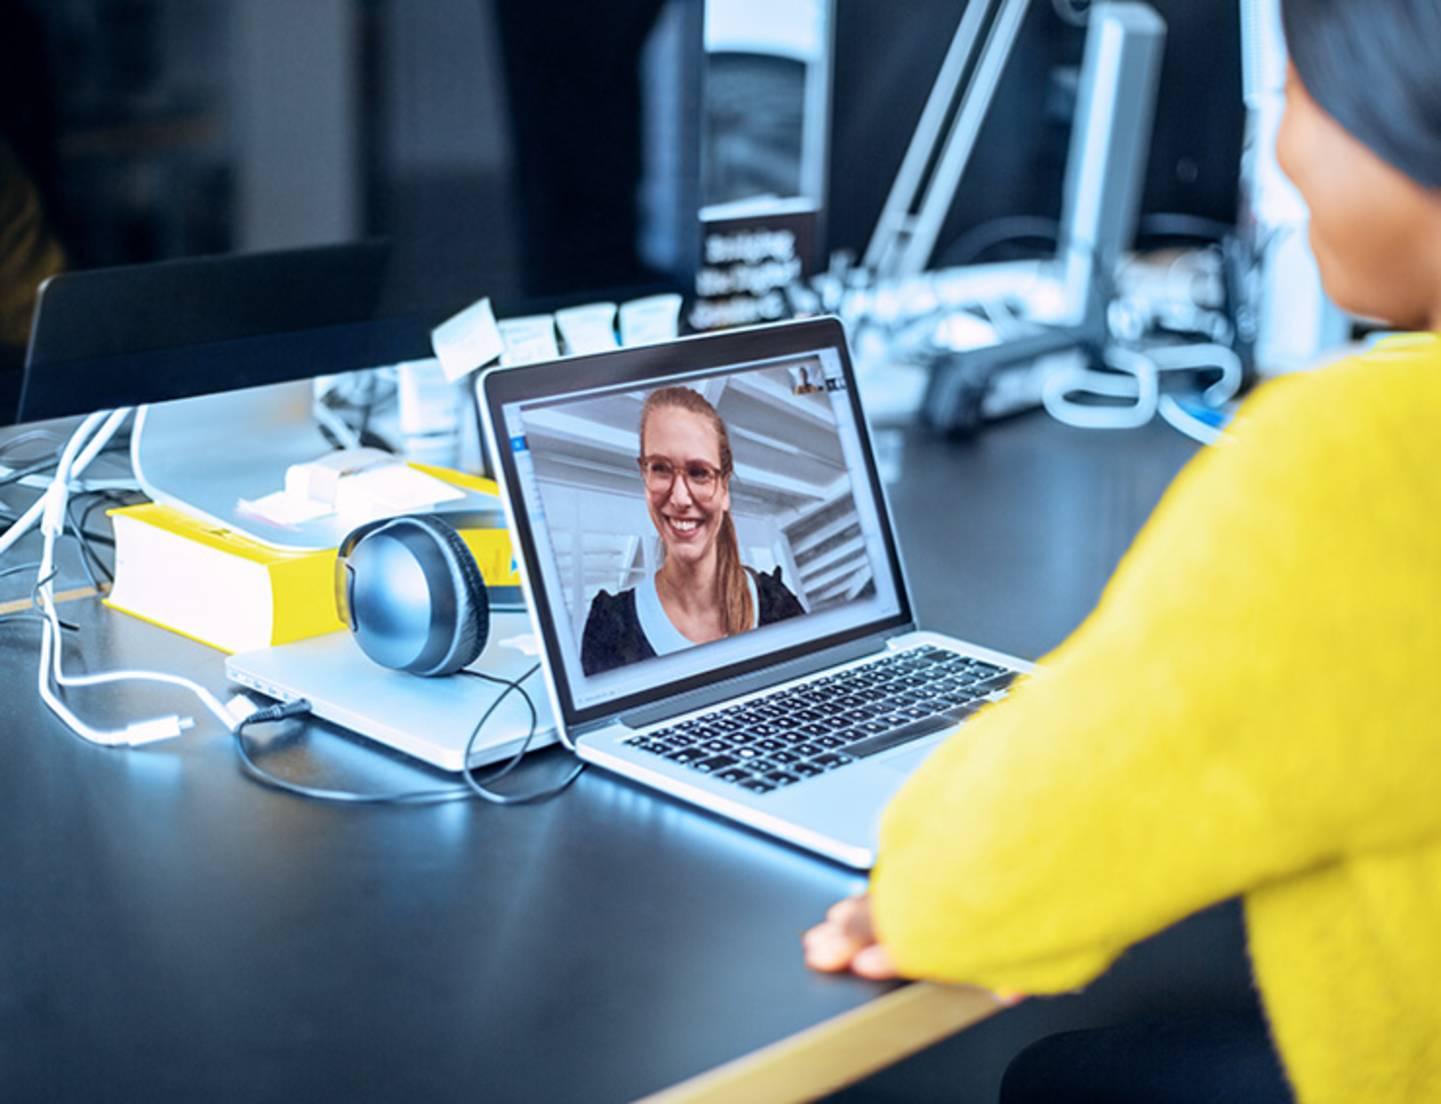 Technik für das neue Home Office ►